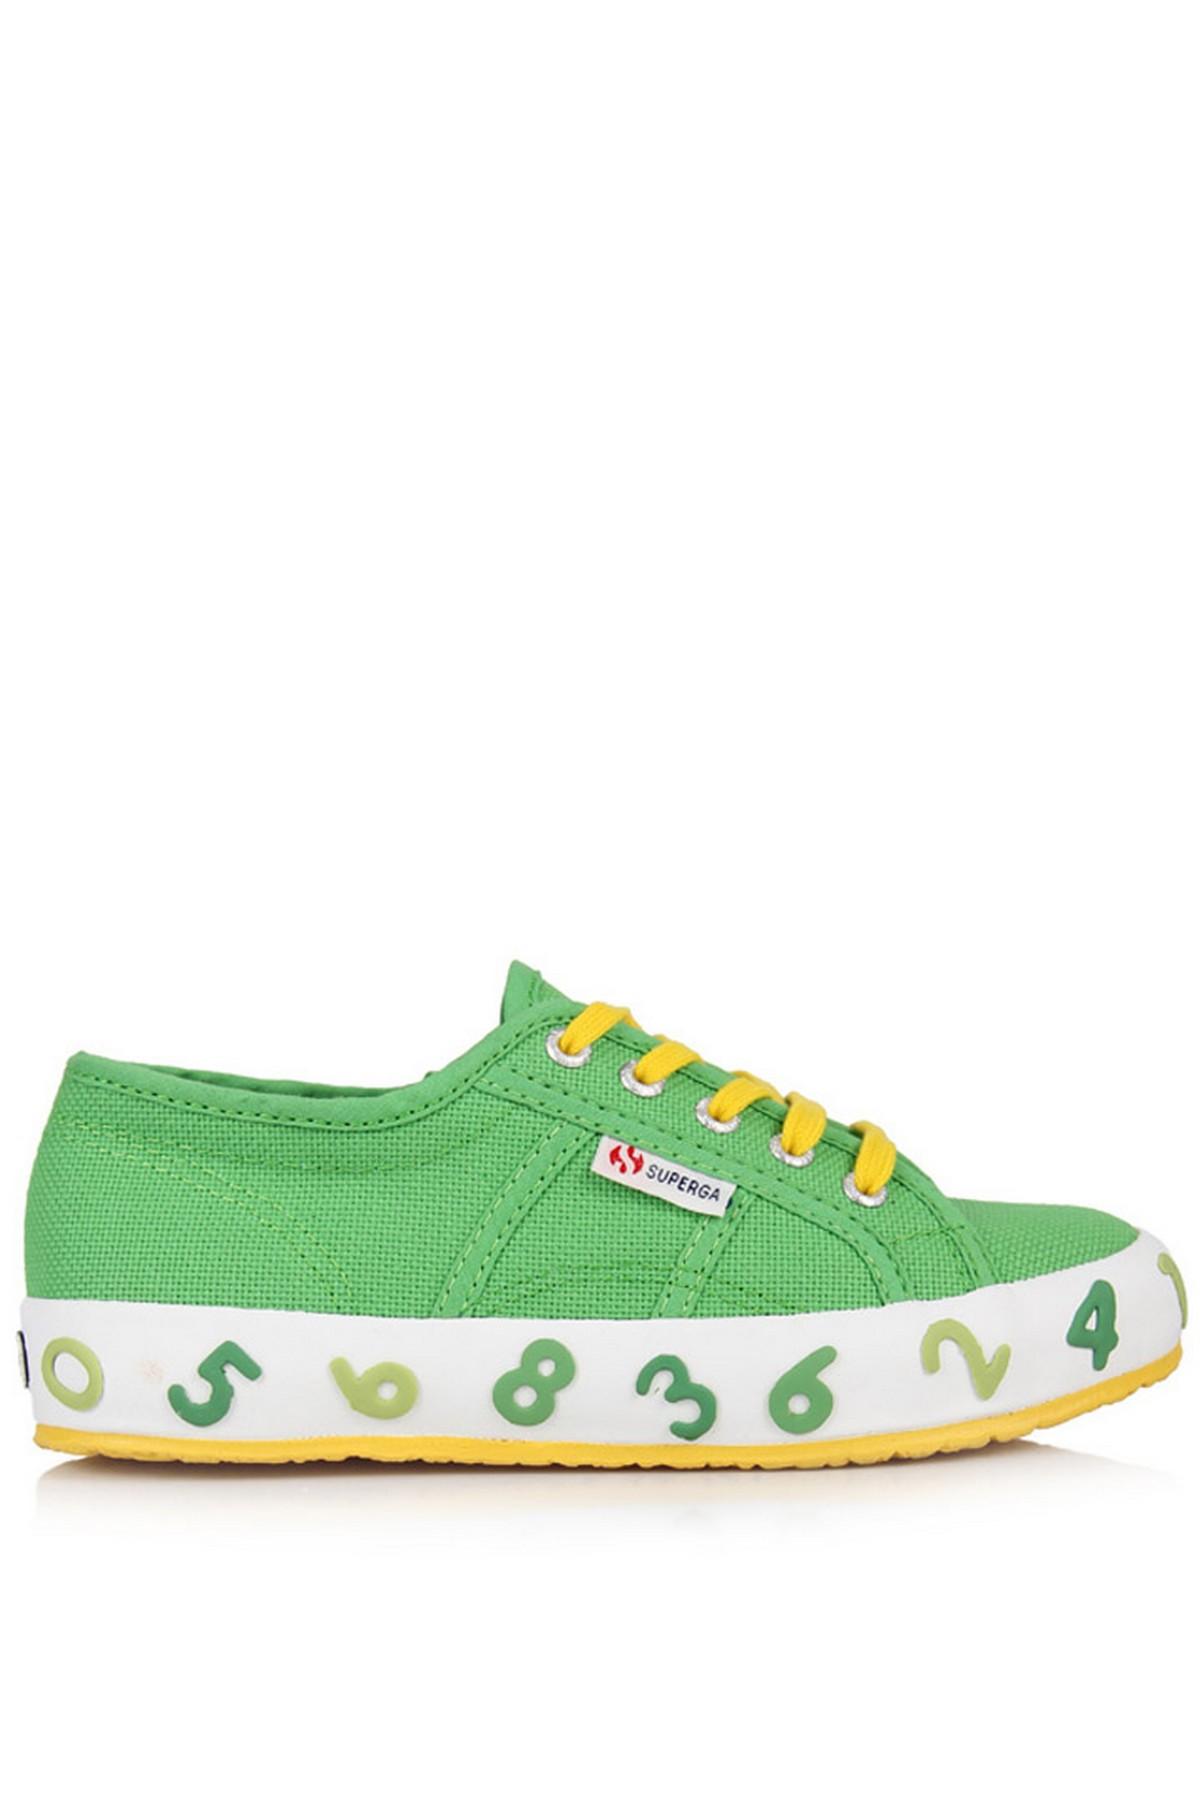 Superga Günlük Çocuk Ayakkabı Yeşil (S002PR0-A92)